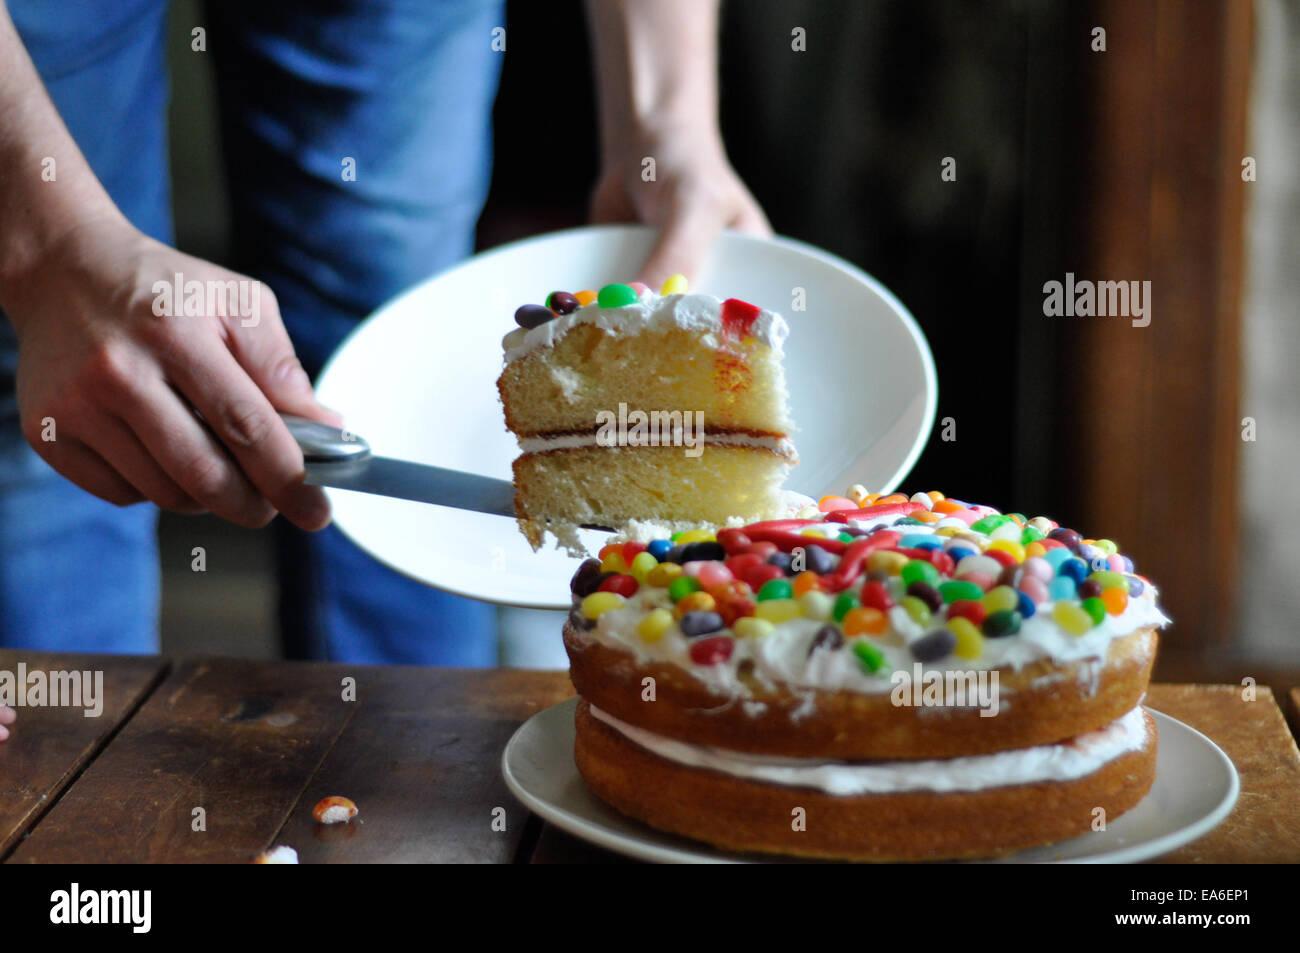 Man schneidet ein Stück Geburtstagstorte Stockbild